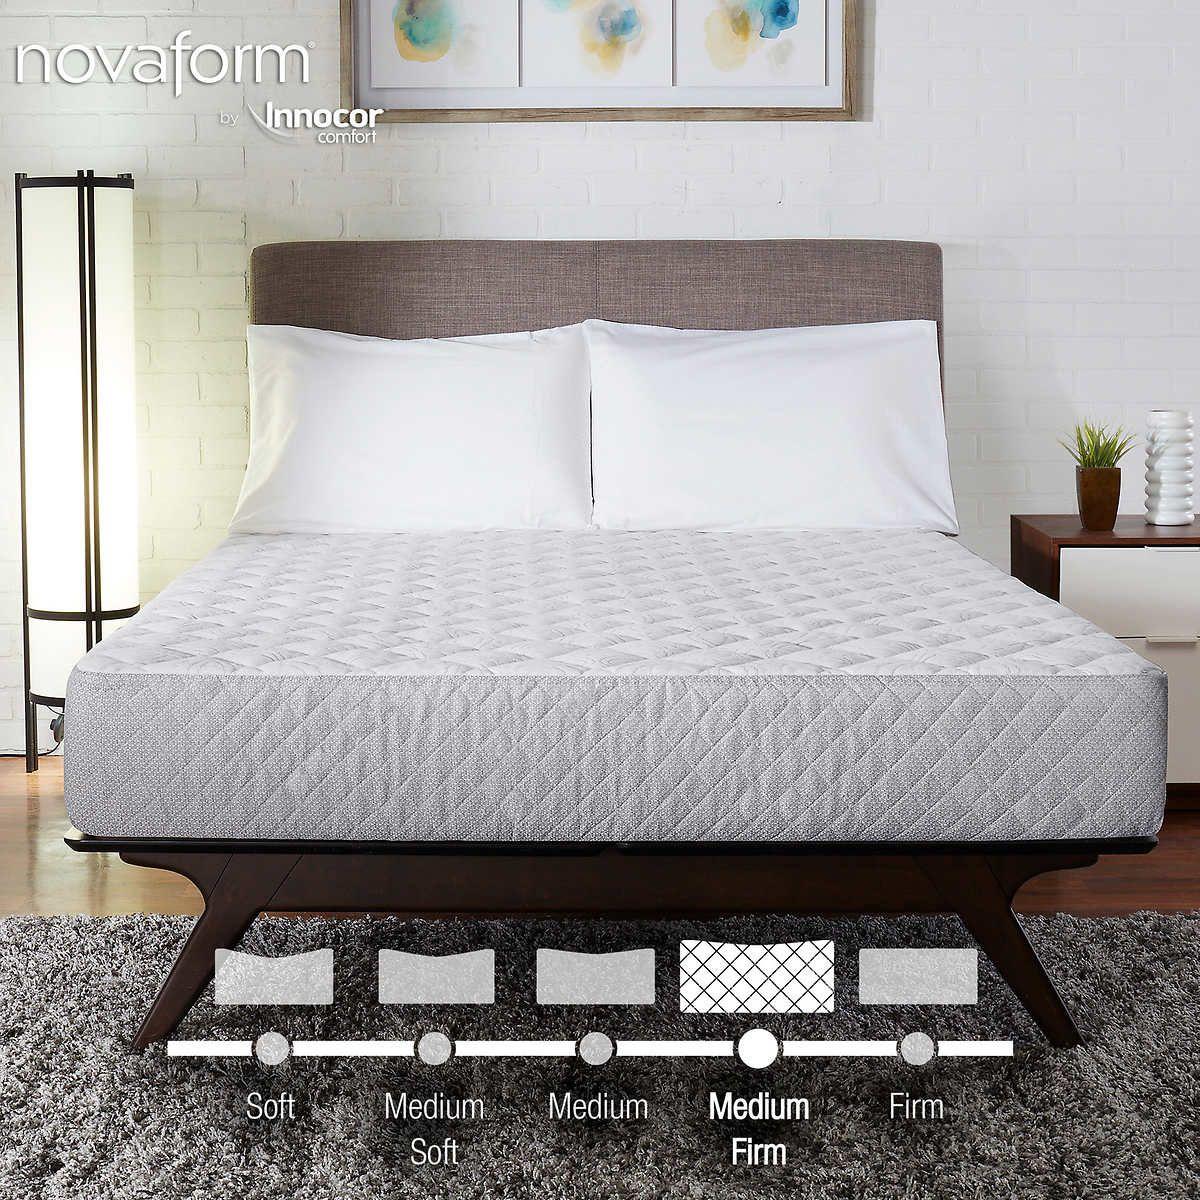 Novaform 8 Twin Gel Memory Foam Mattress Mattress Foam